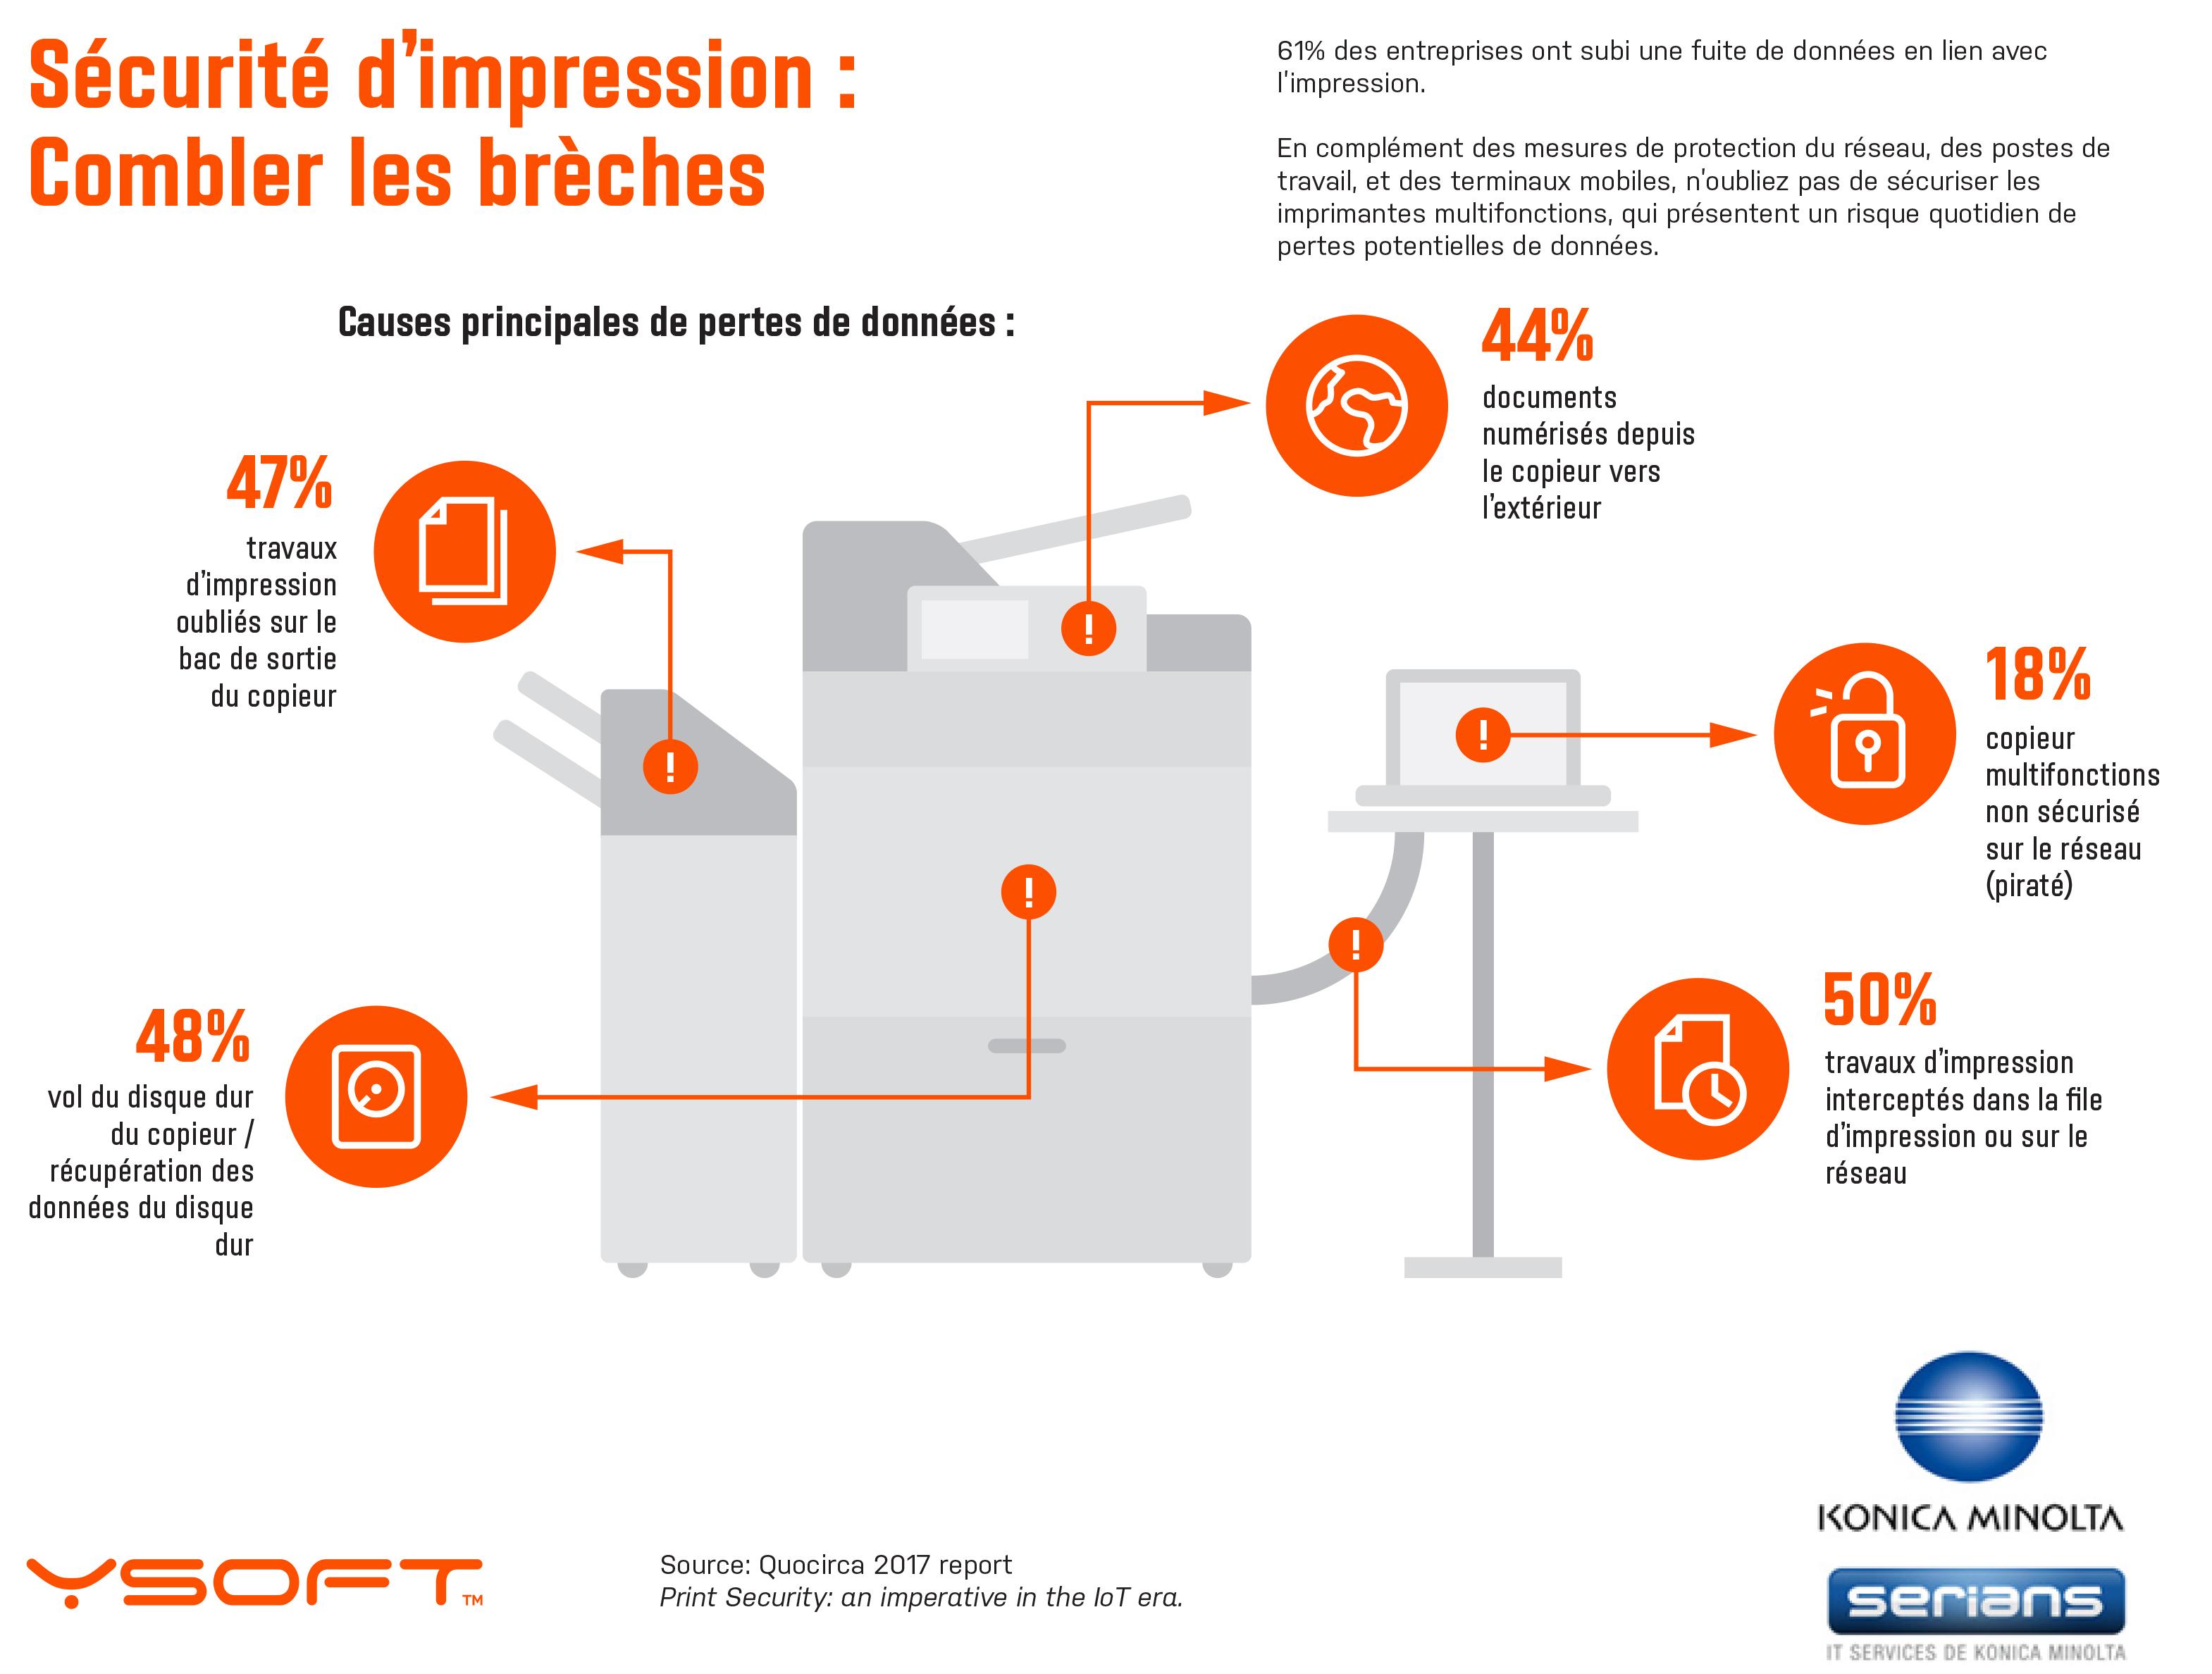 Infographie : 5 raisons de sécuriser votre système d'impression